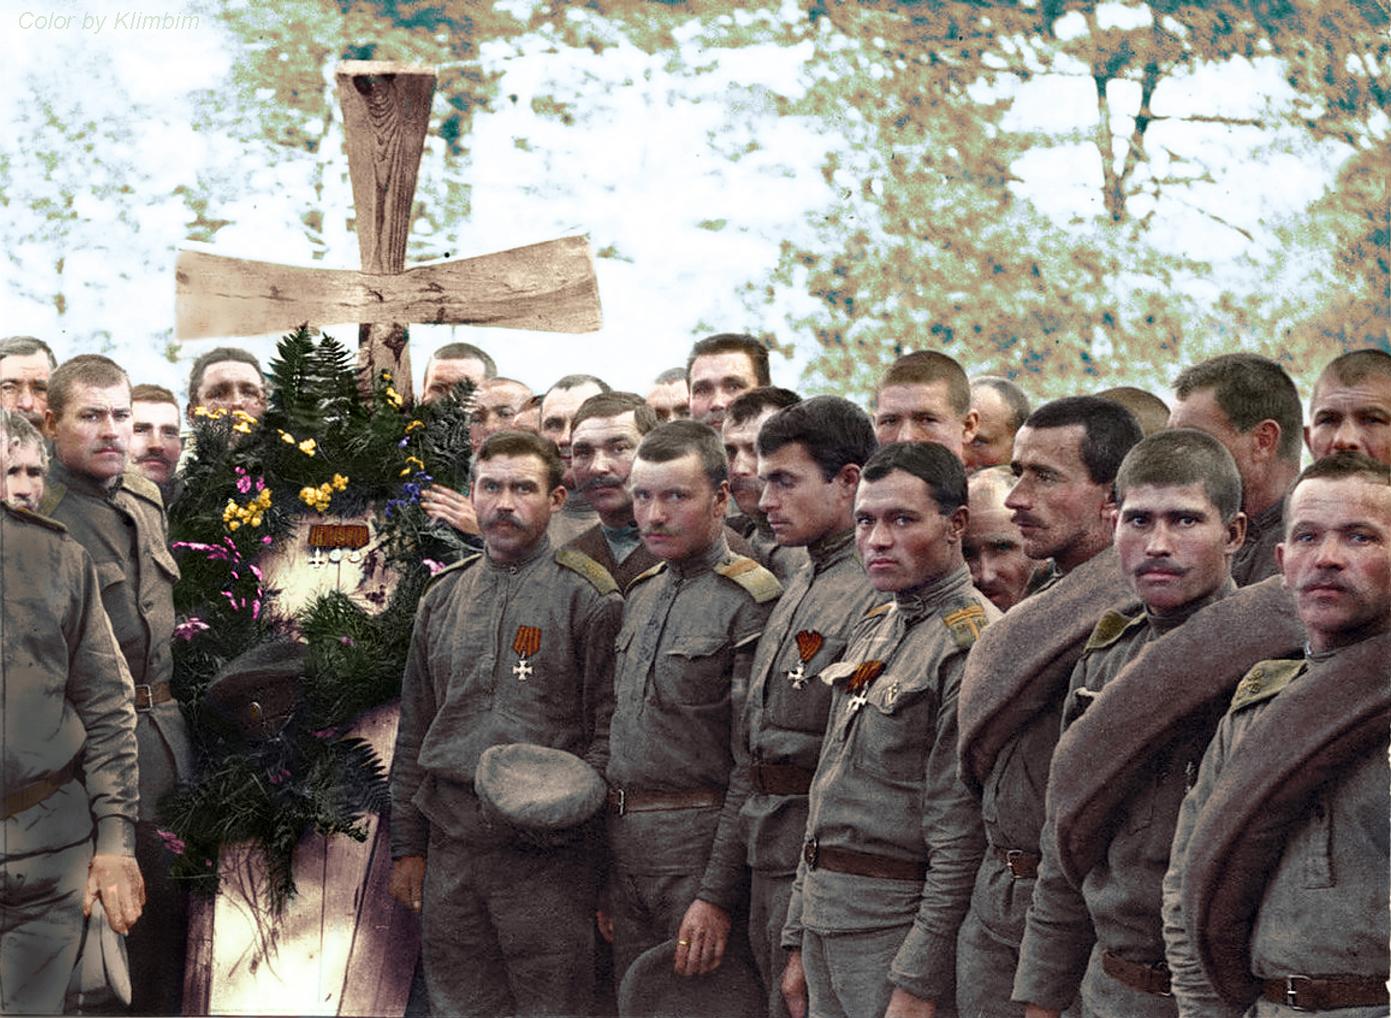 Похороны русского солдата, 1916